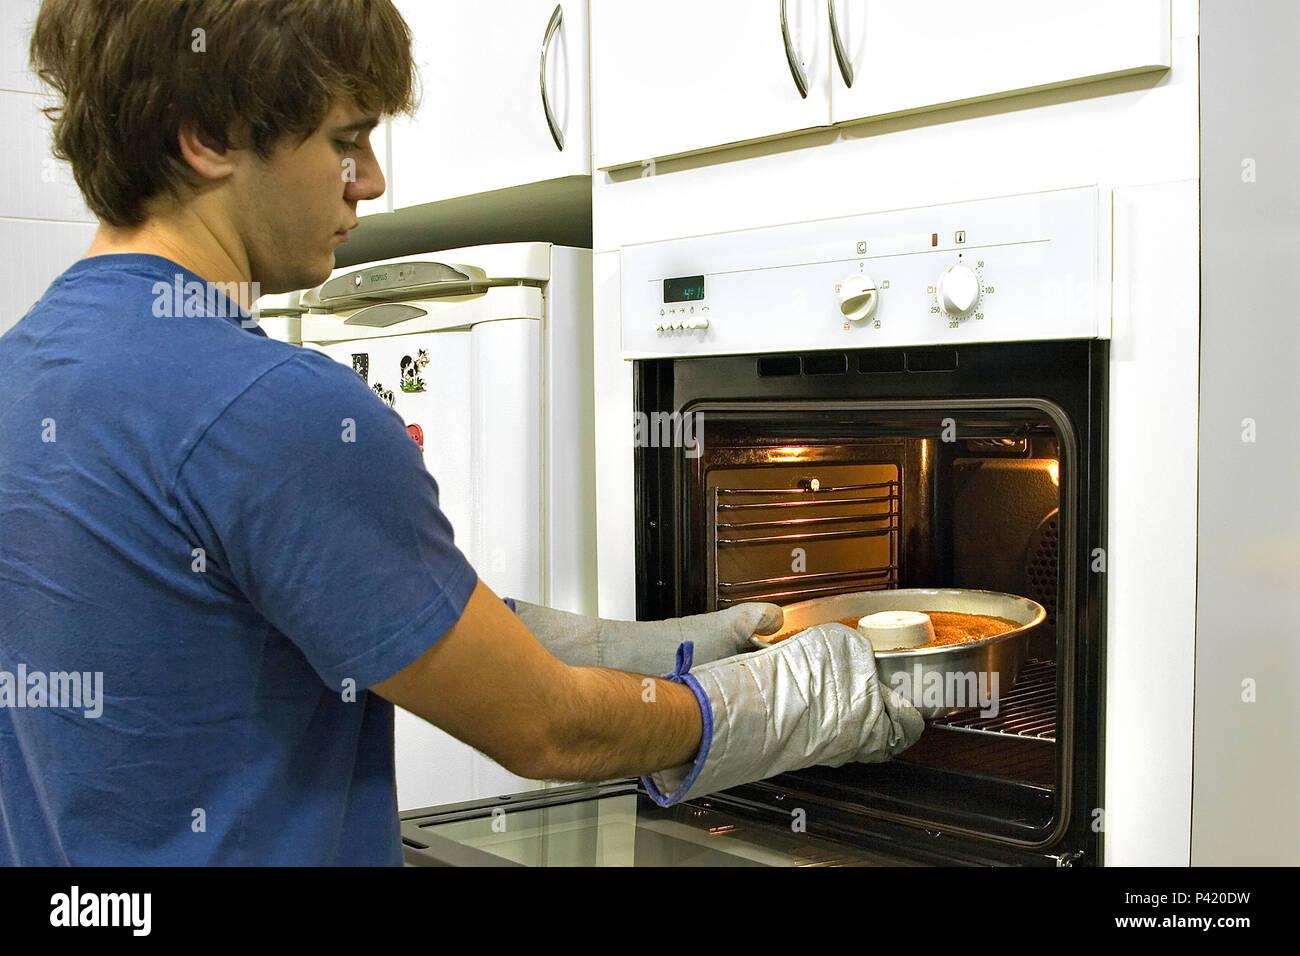 Jovem Masculino tirando el bolo do forno Bolo Bolo saindo do forno Bolo quente Imagen De Stock